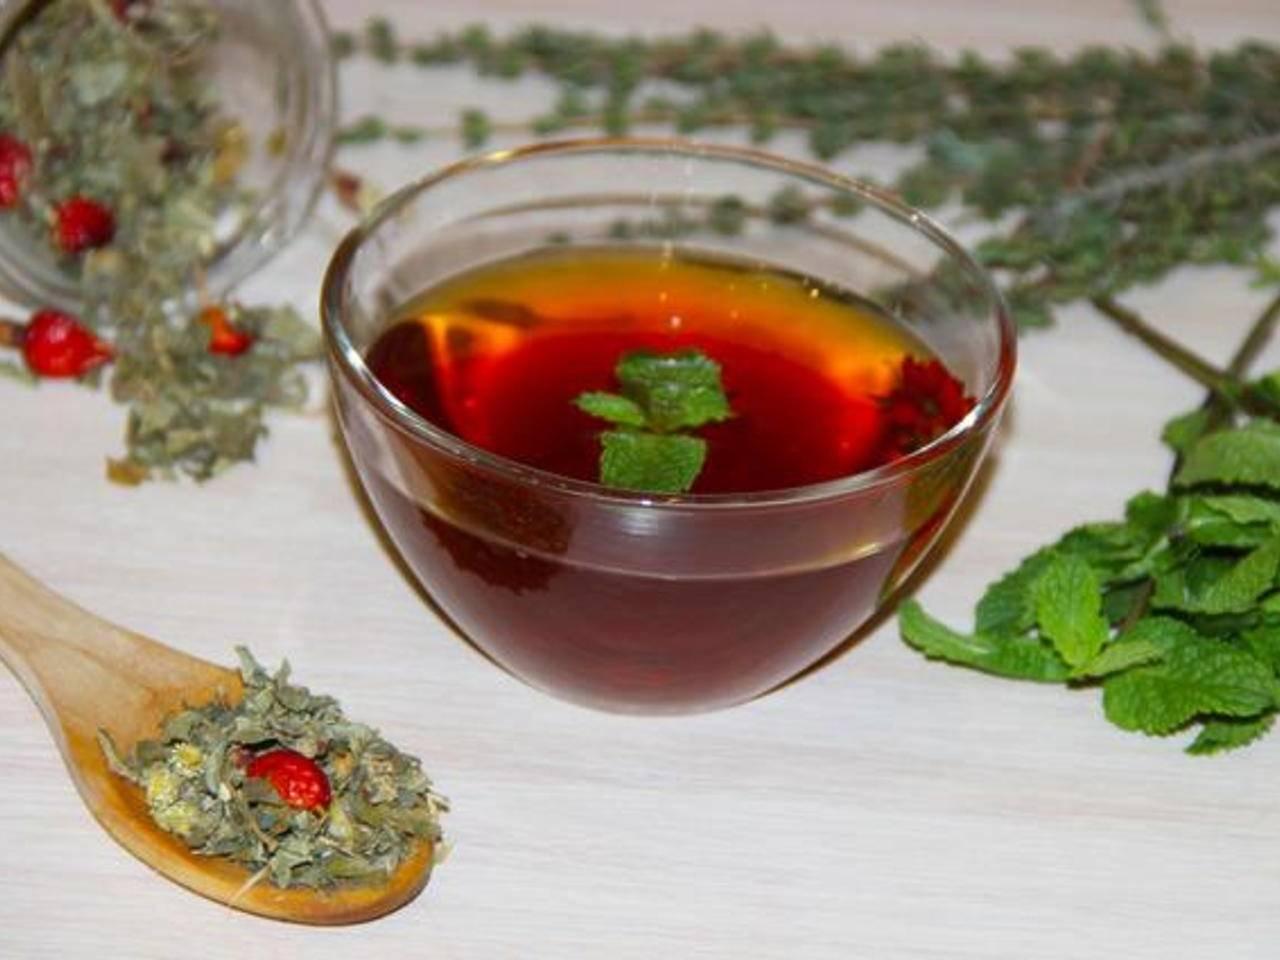 Витаминный чай из трав - простые пошаговые рецепты с фотографиями